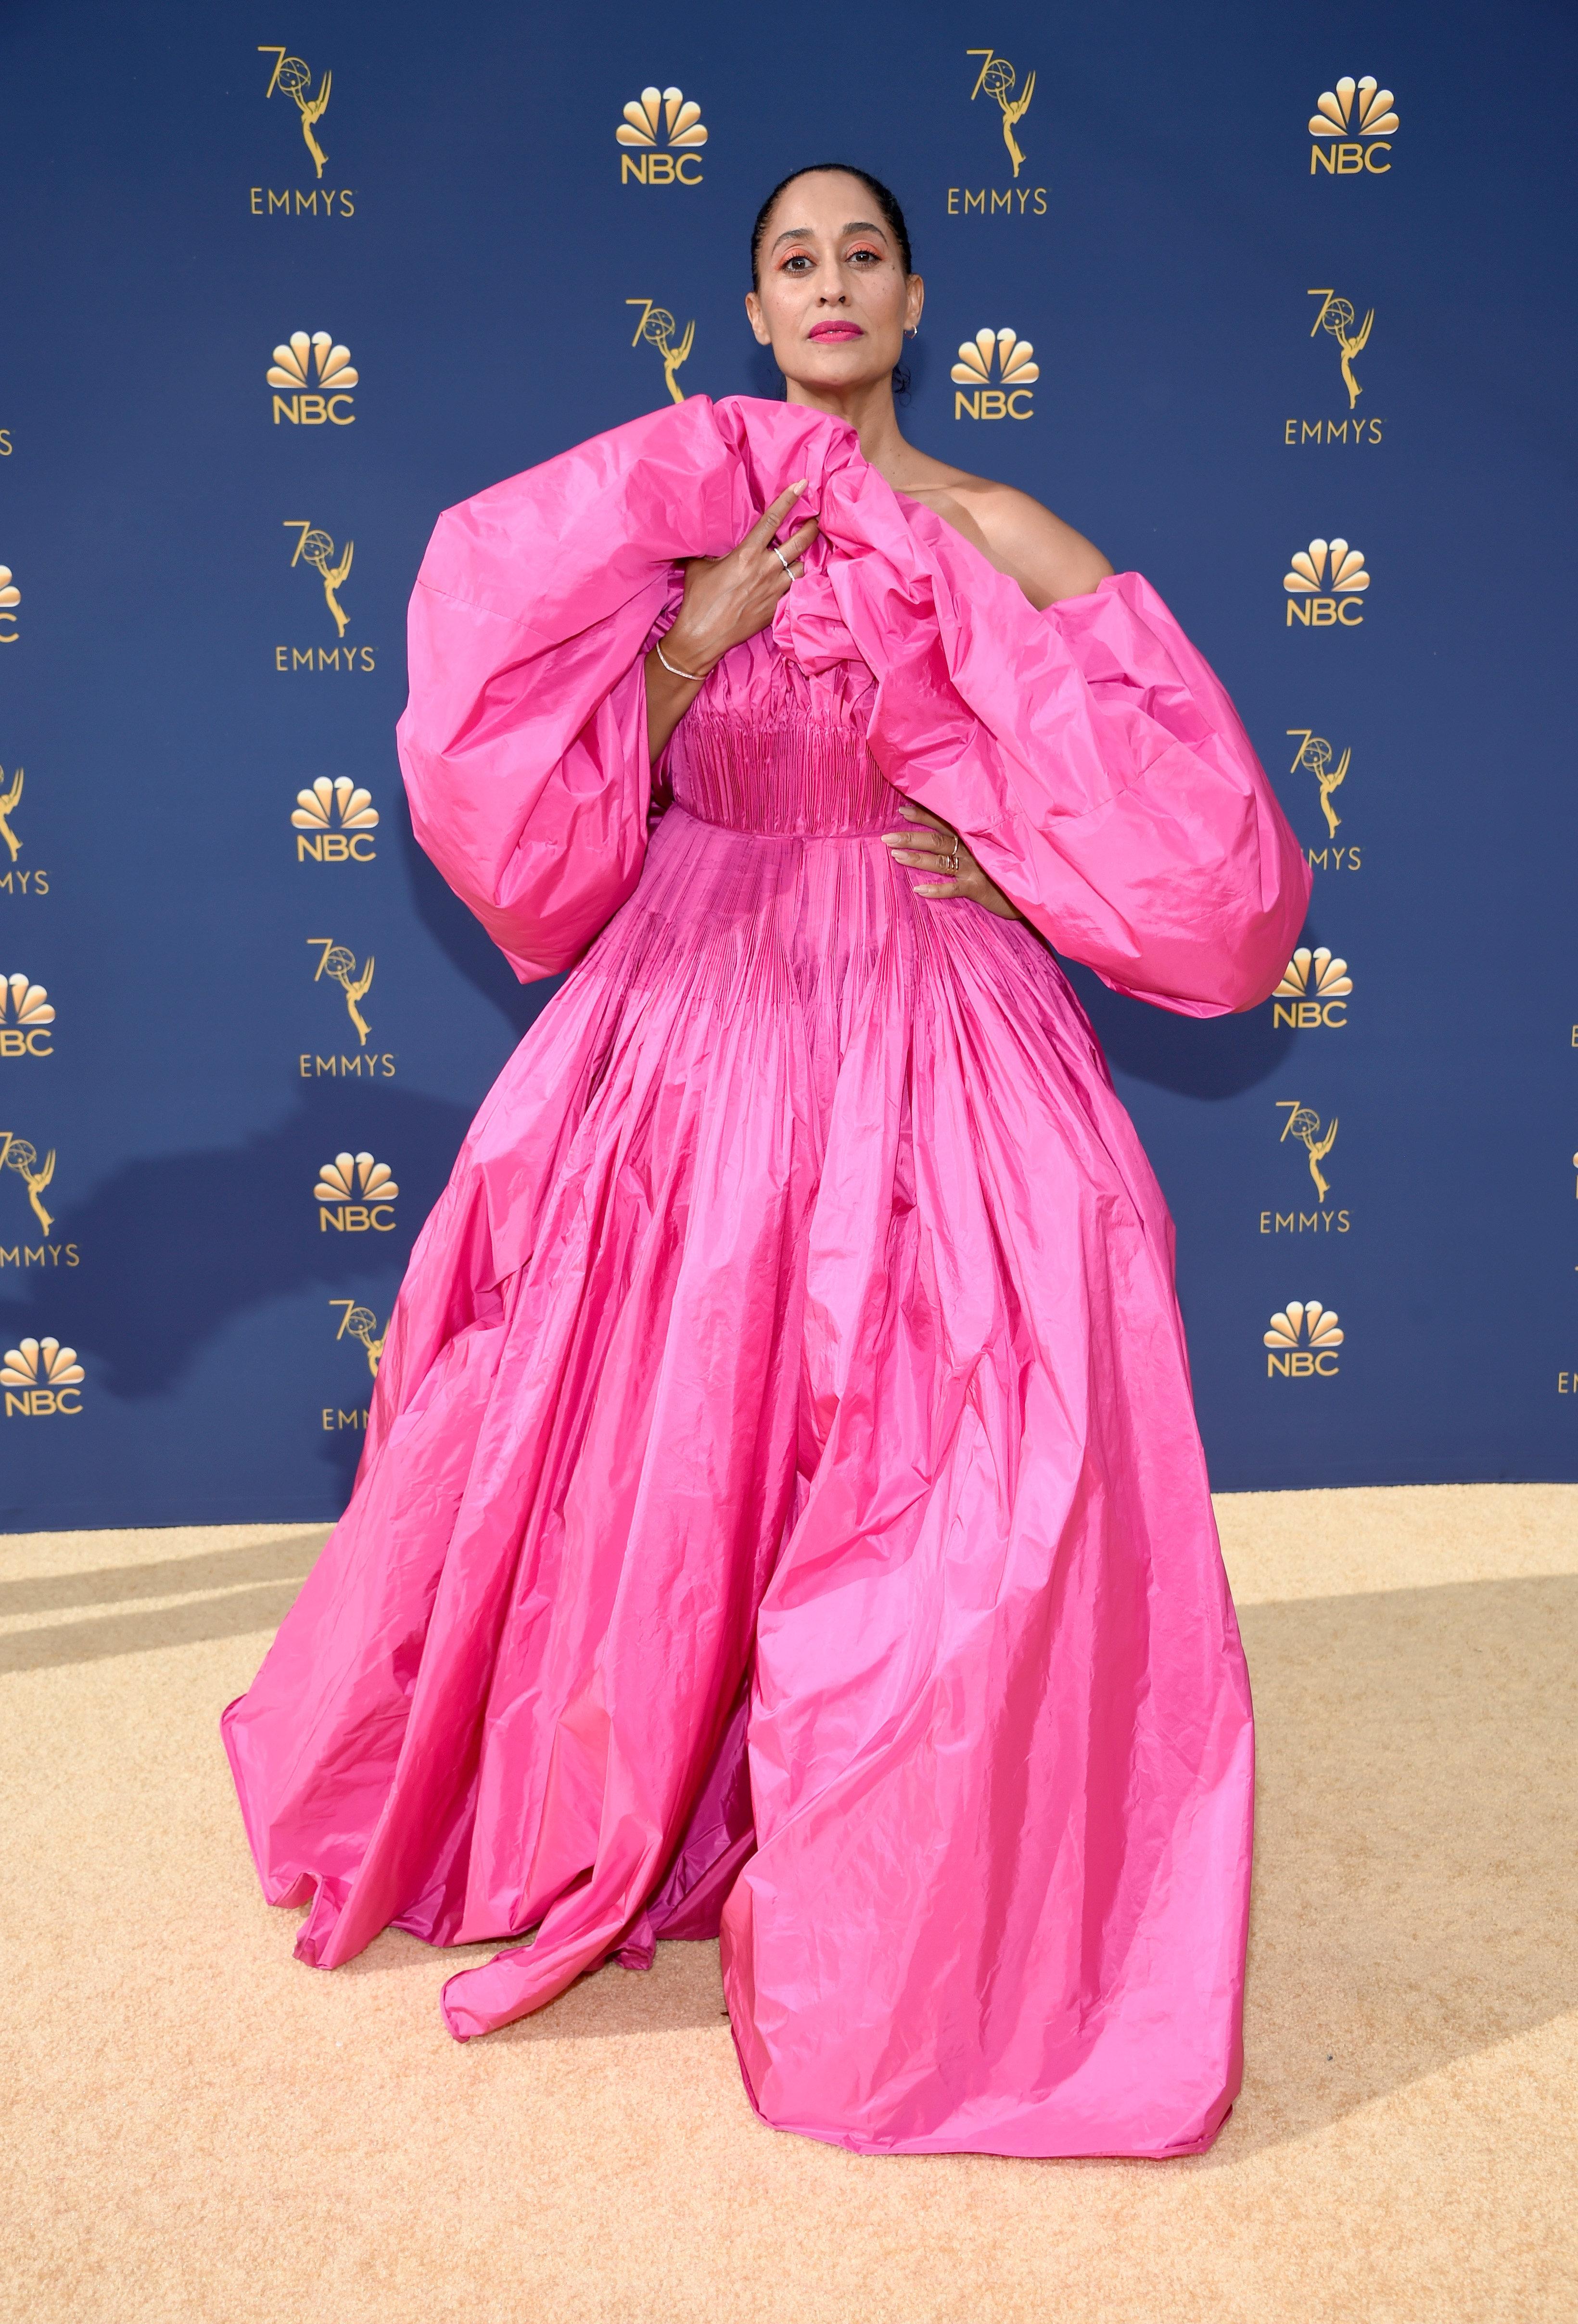 robe de soirée rose bouffante Tracee Ellis Ross Emmys 2018